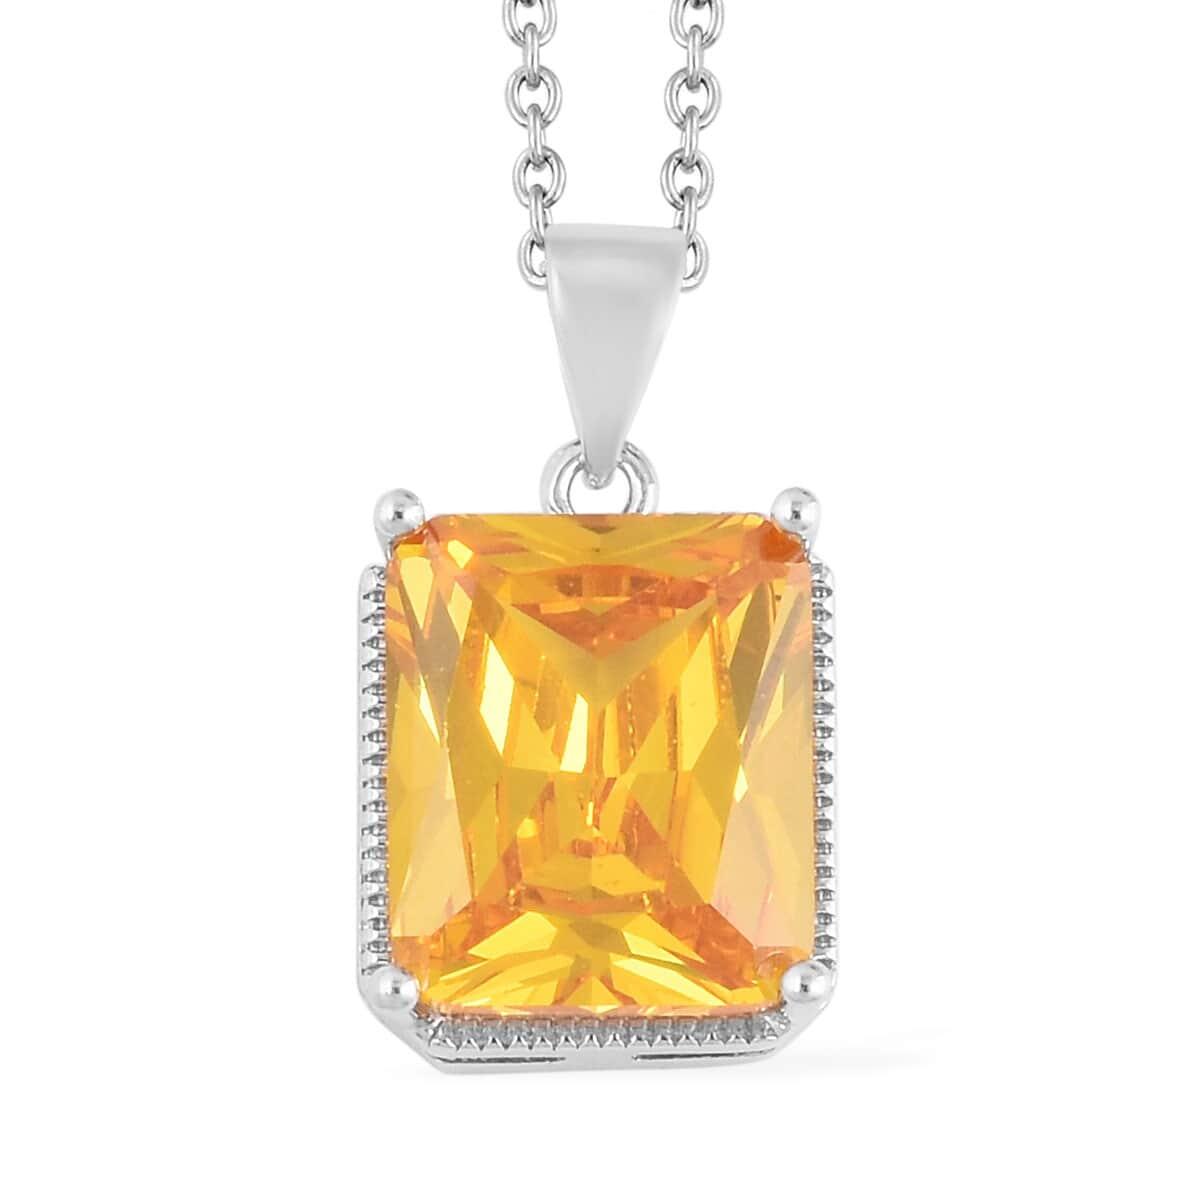 12-Color-Options-Cubic-Zirconia-Bracelet-Chain-Pendant-Necklace-Set-Adjustable thumbnail 110